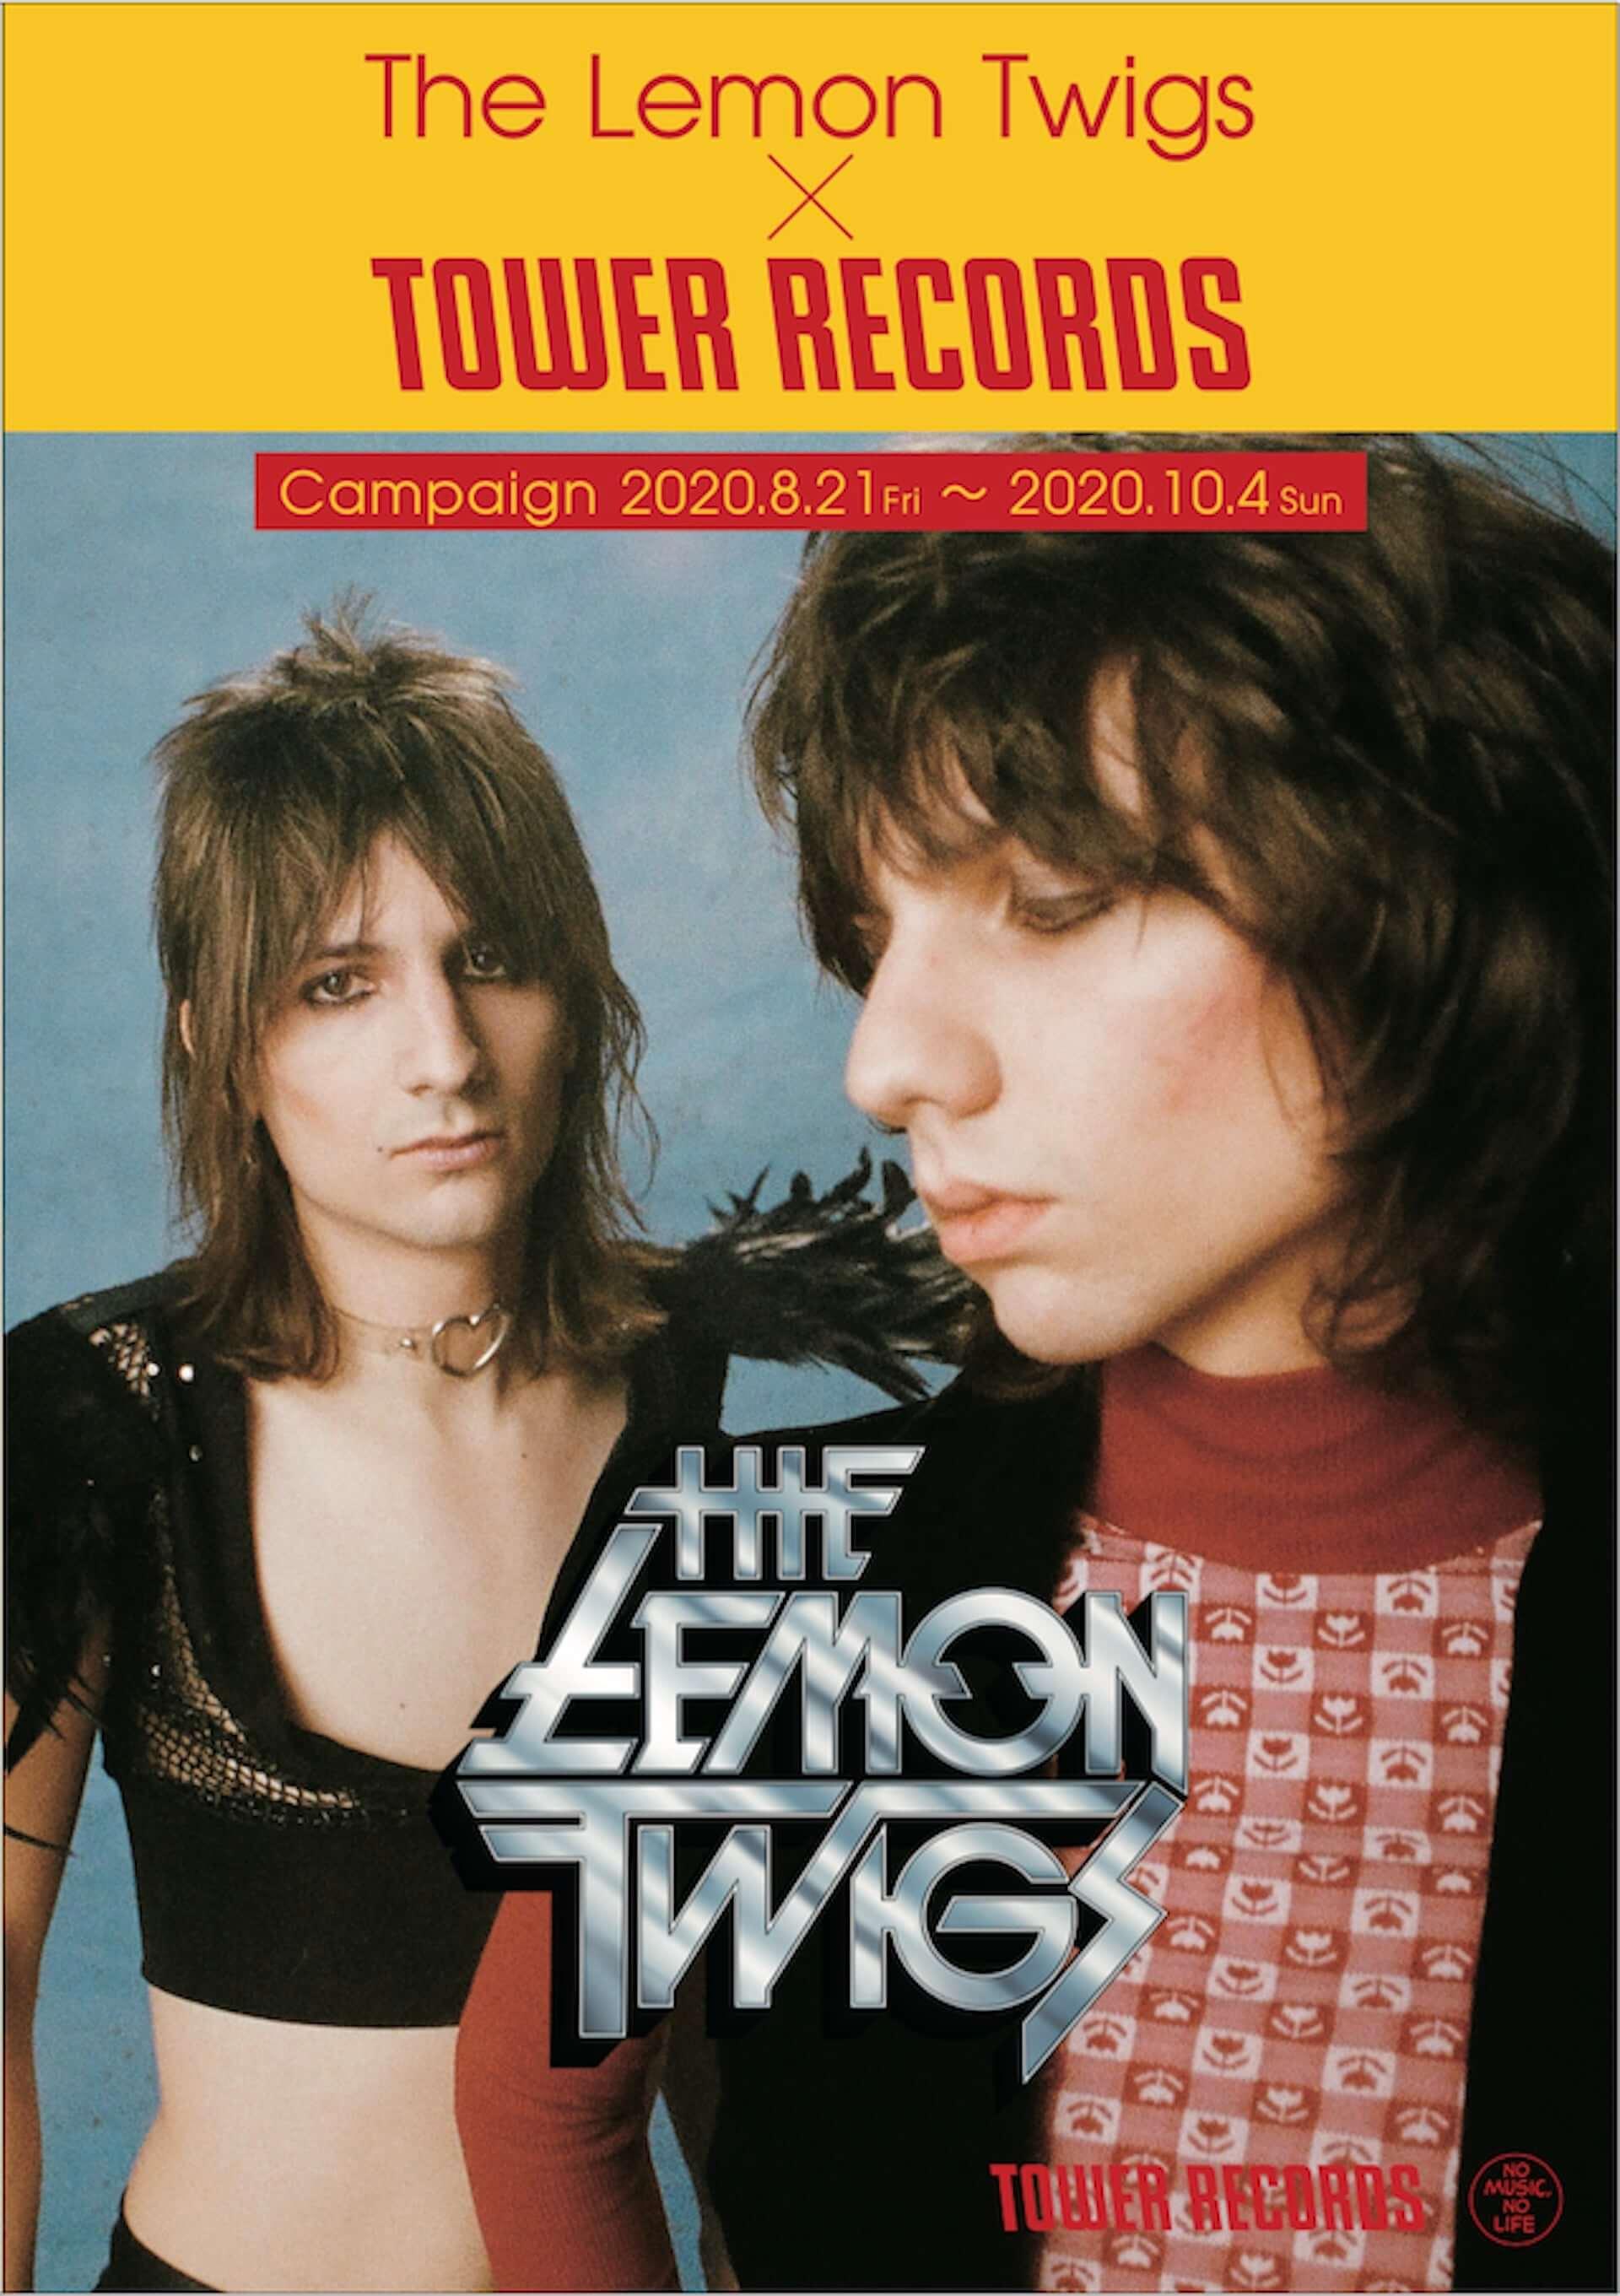 """The Lemon Twigsが新曲""""Hell On Wheels""""のパフォーマンス映像を公開!タワーレコードにて新作発売記念キャンペーンも実施決定 music2000820_lemon-twigs_1-1920x2721"""